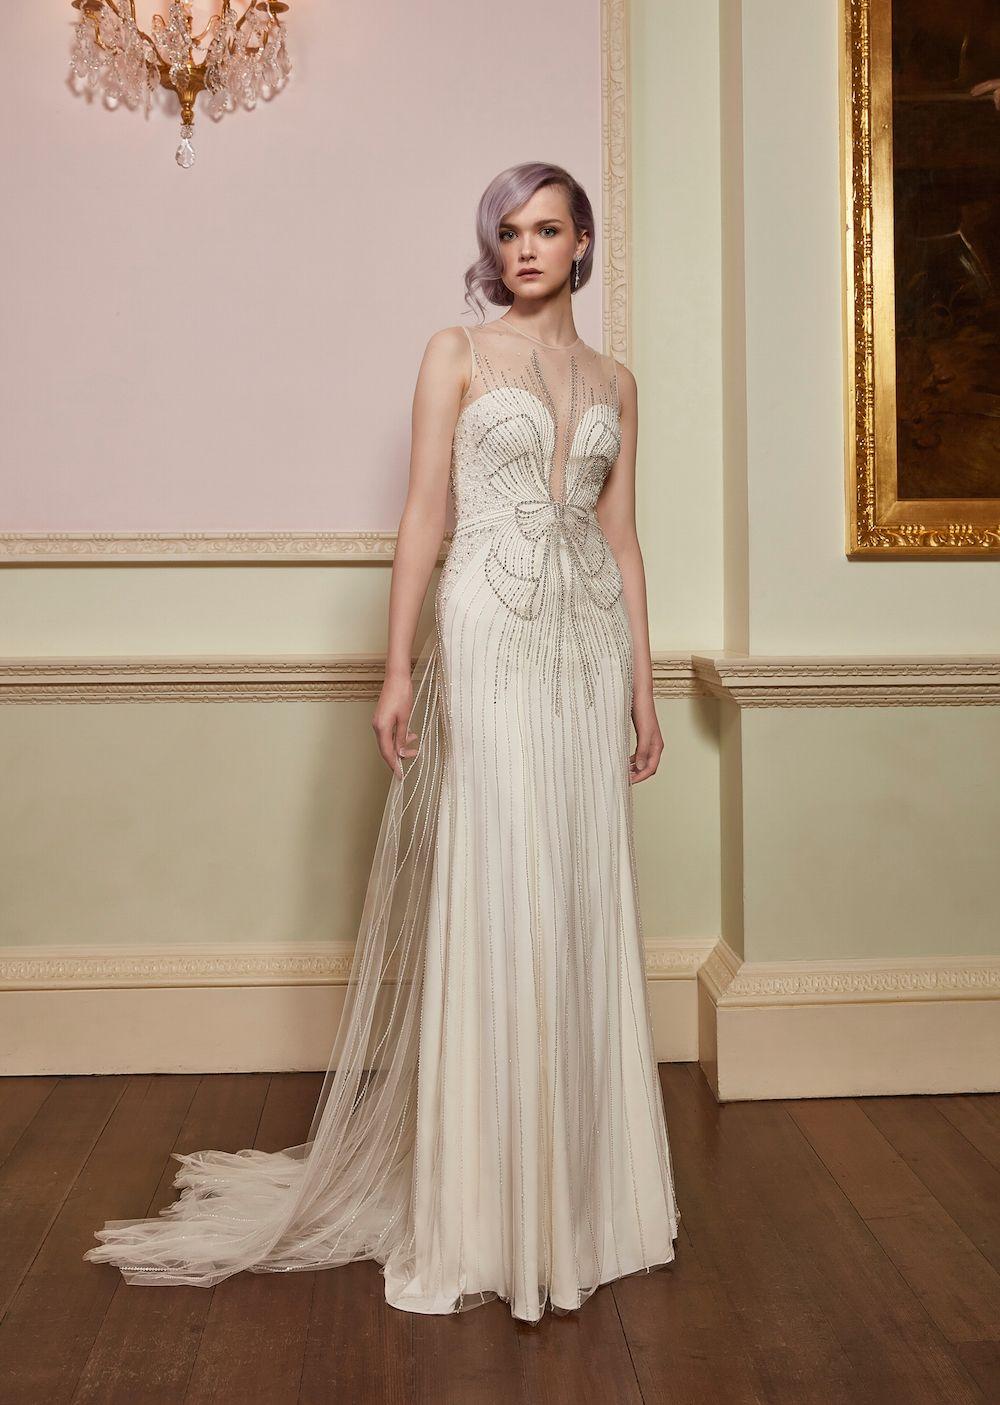 Jenny Packham Kollektion 2018 ~ Brautkleider mit Hollywood-Glam ...